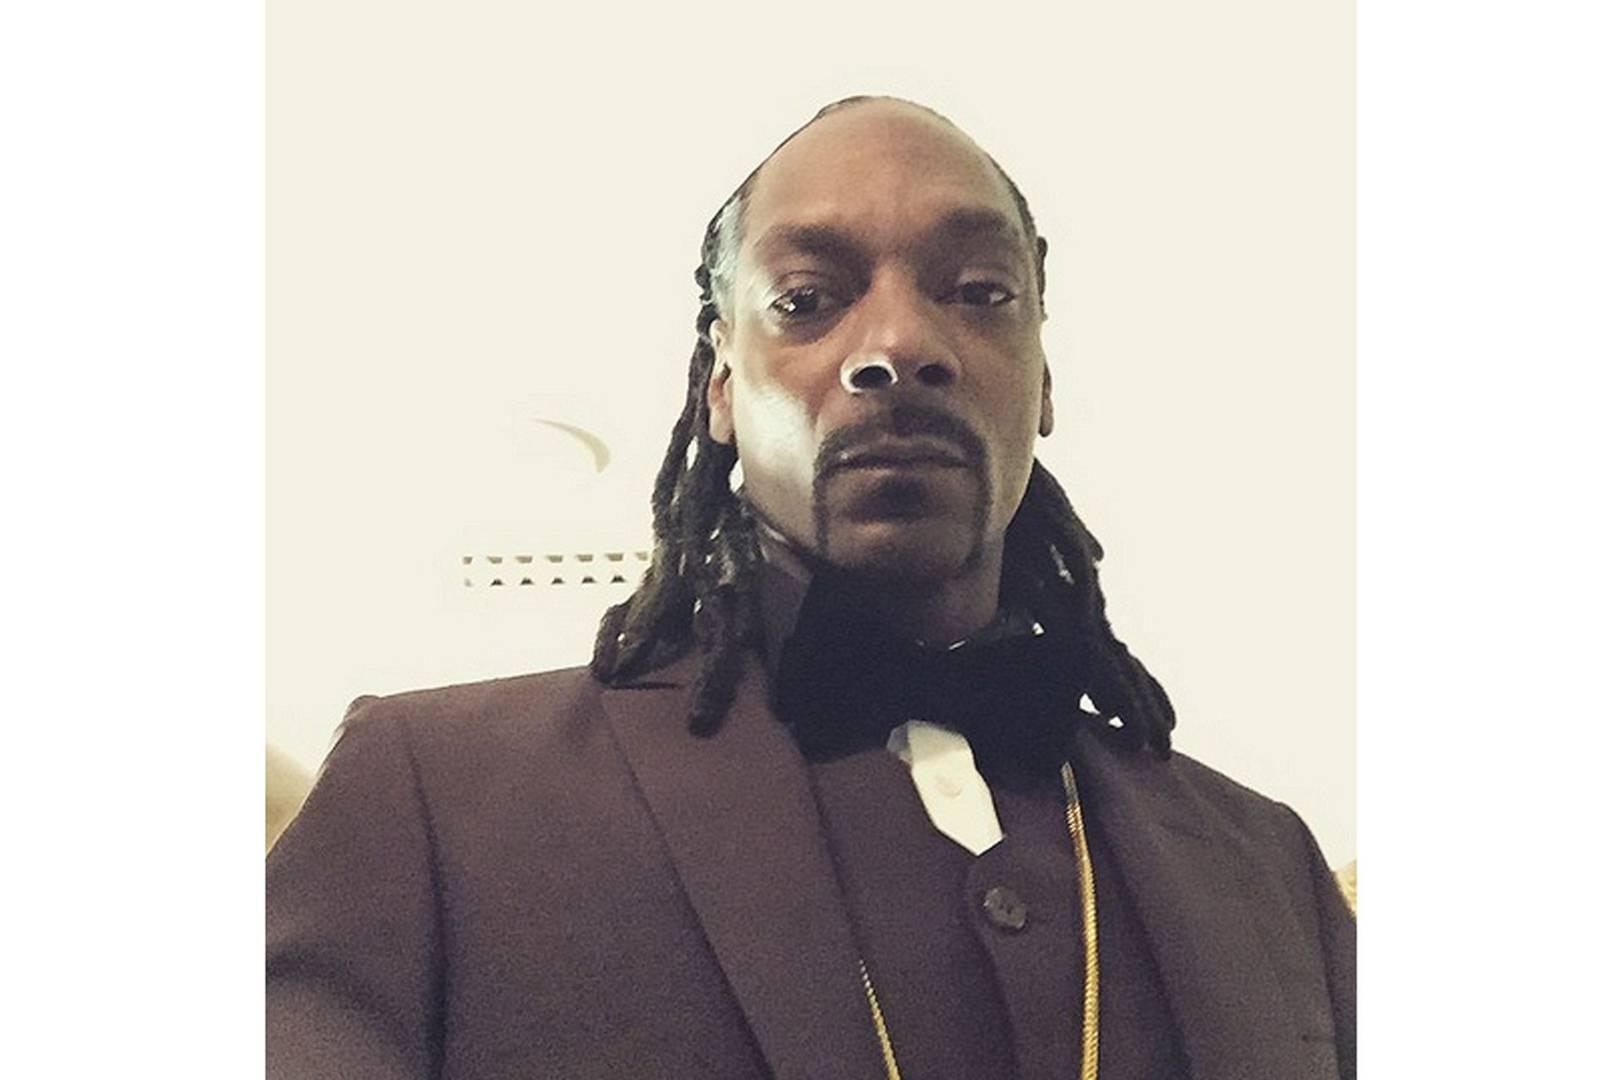 Снуп дог клип с порно, Snoop Dogg So Sexy клип песни смотреть онлайн 21 фотография